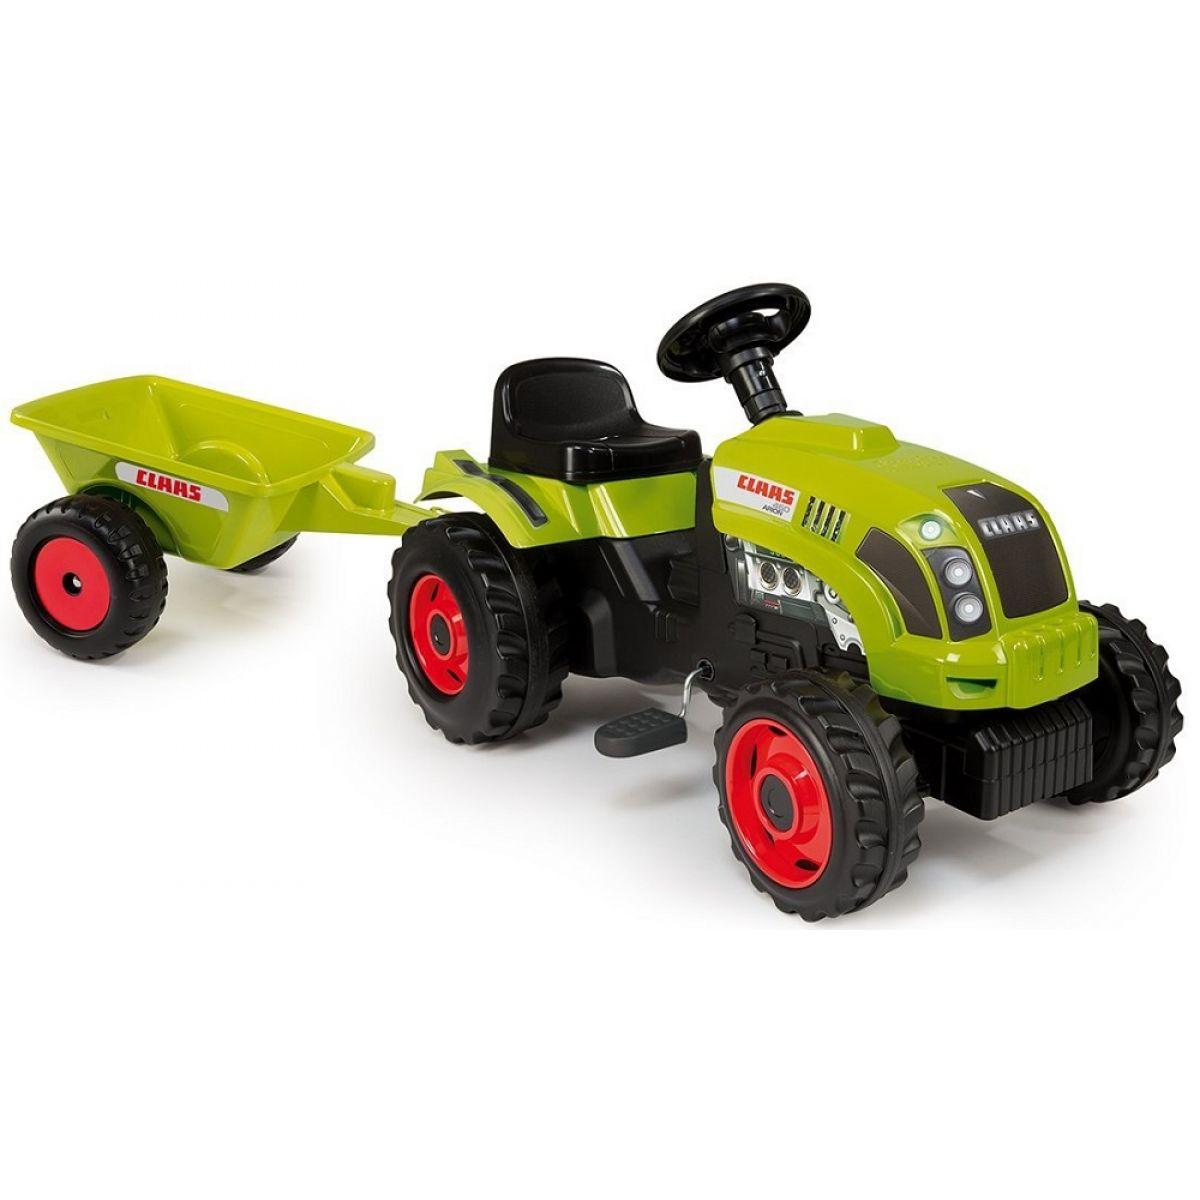 Smoby Šlapací traktor Class s vozíkem Smoby